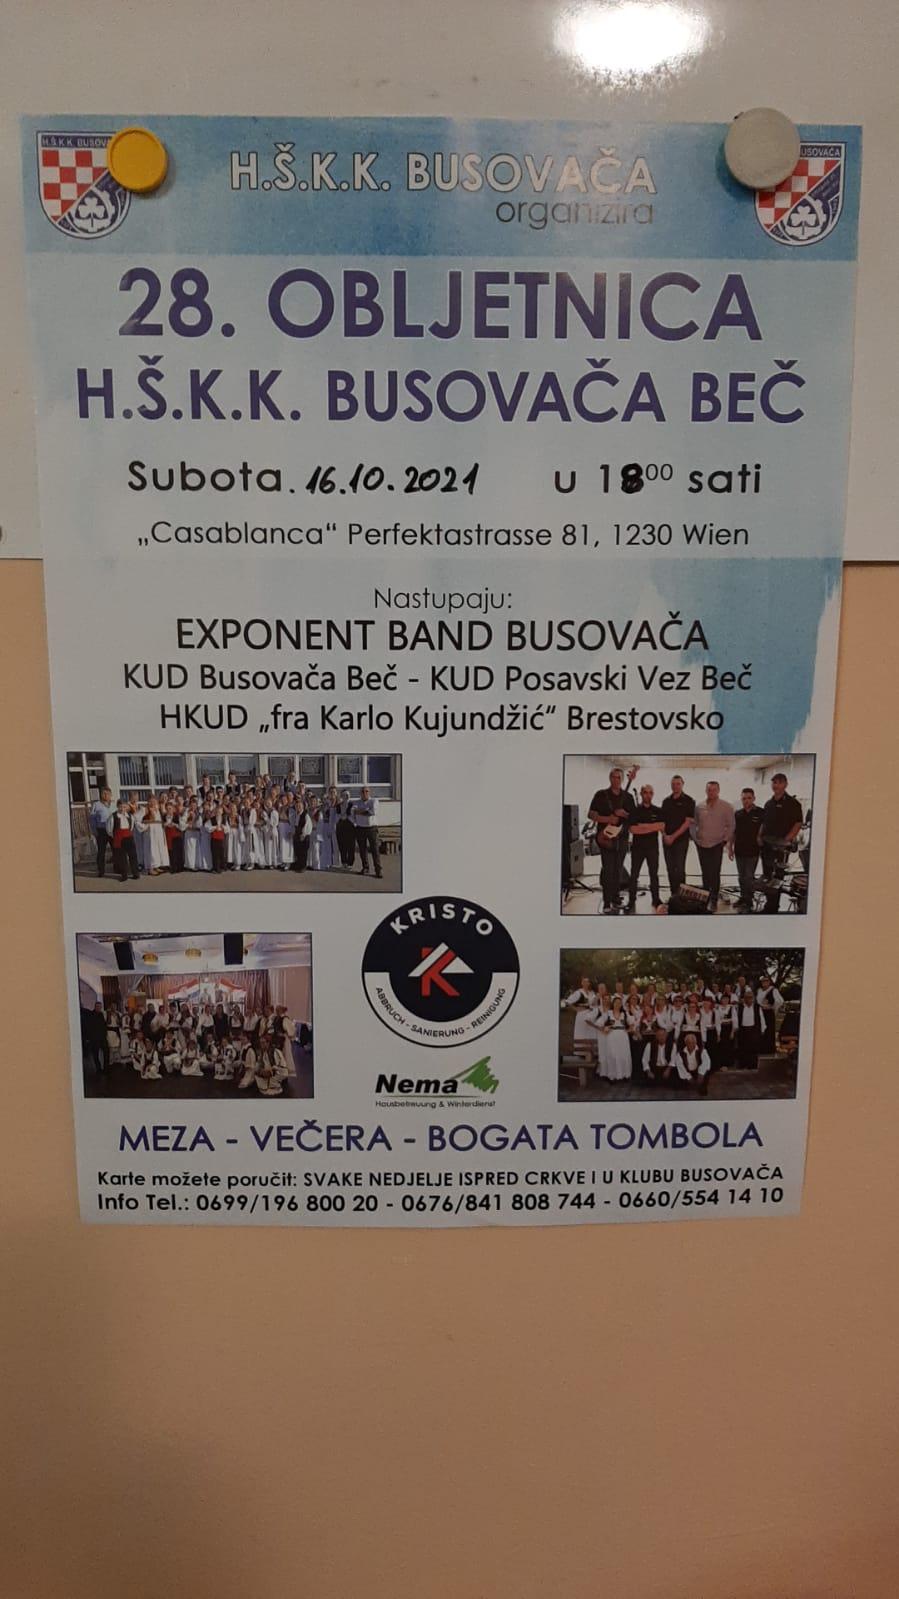 H.S.K.K. Busovaca – 28.Obljetnica – 16.10.2021